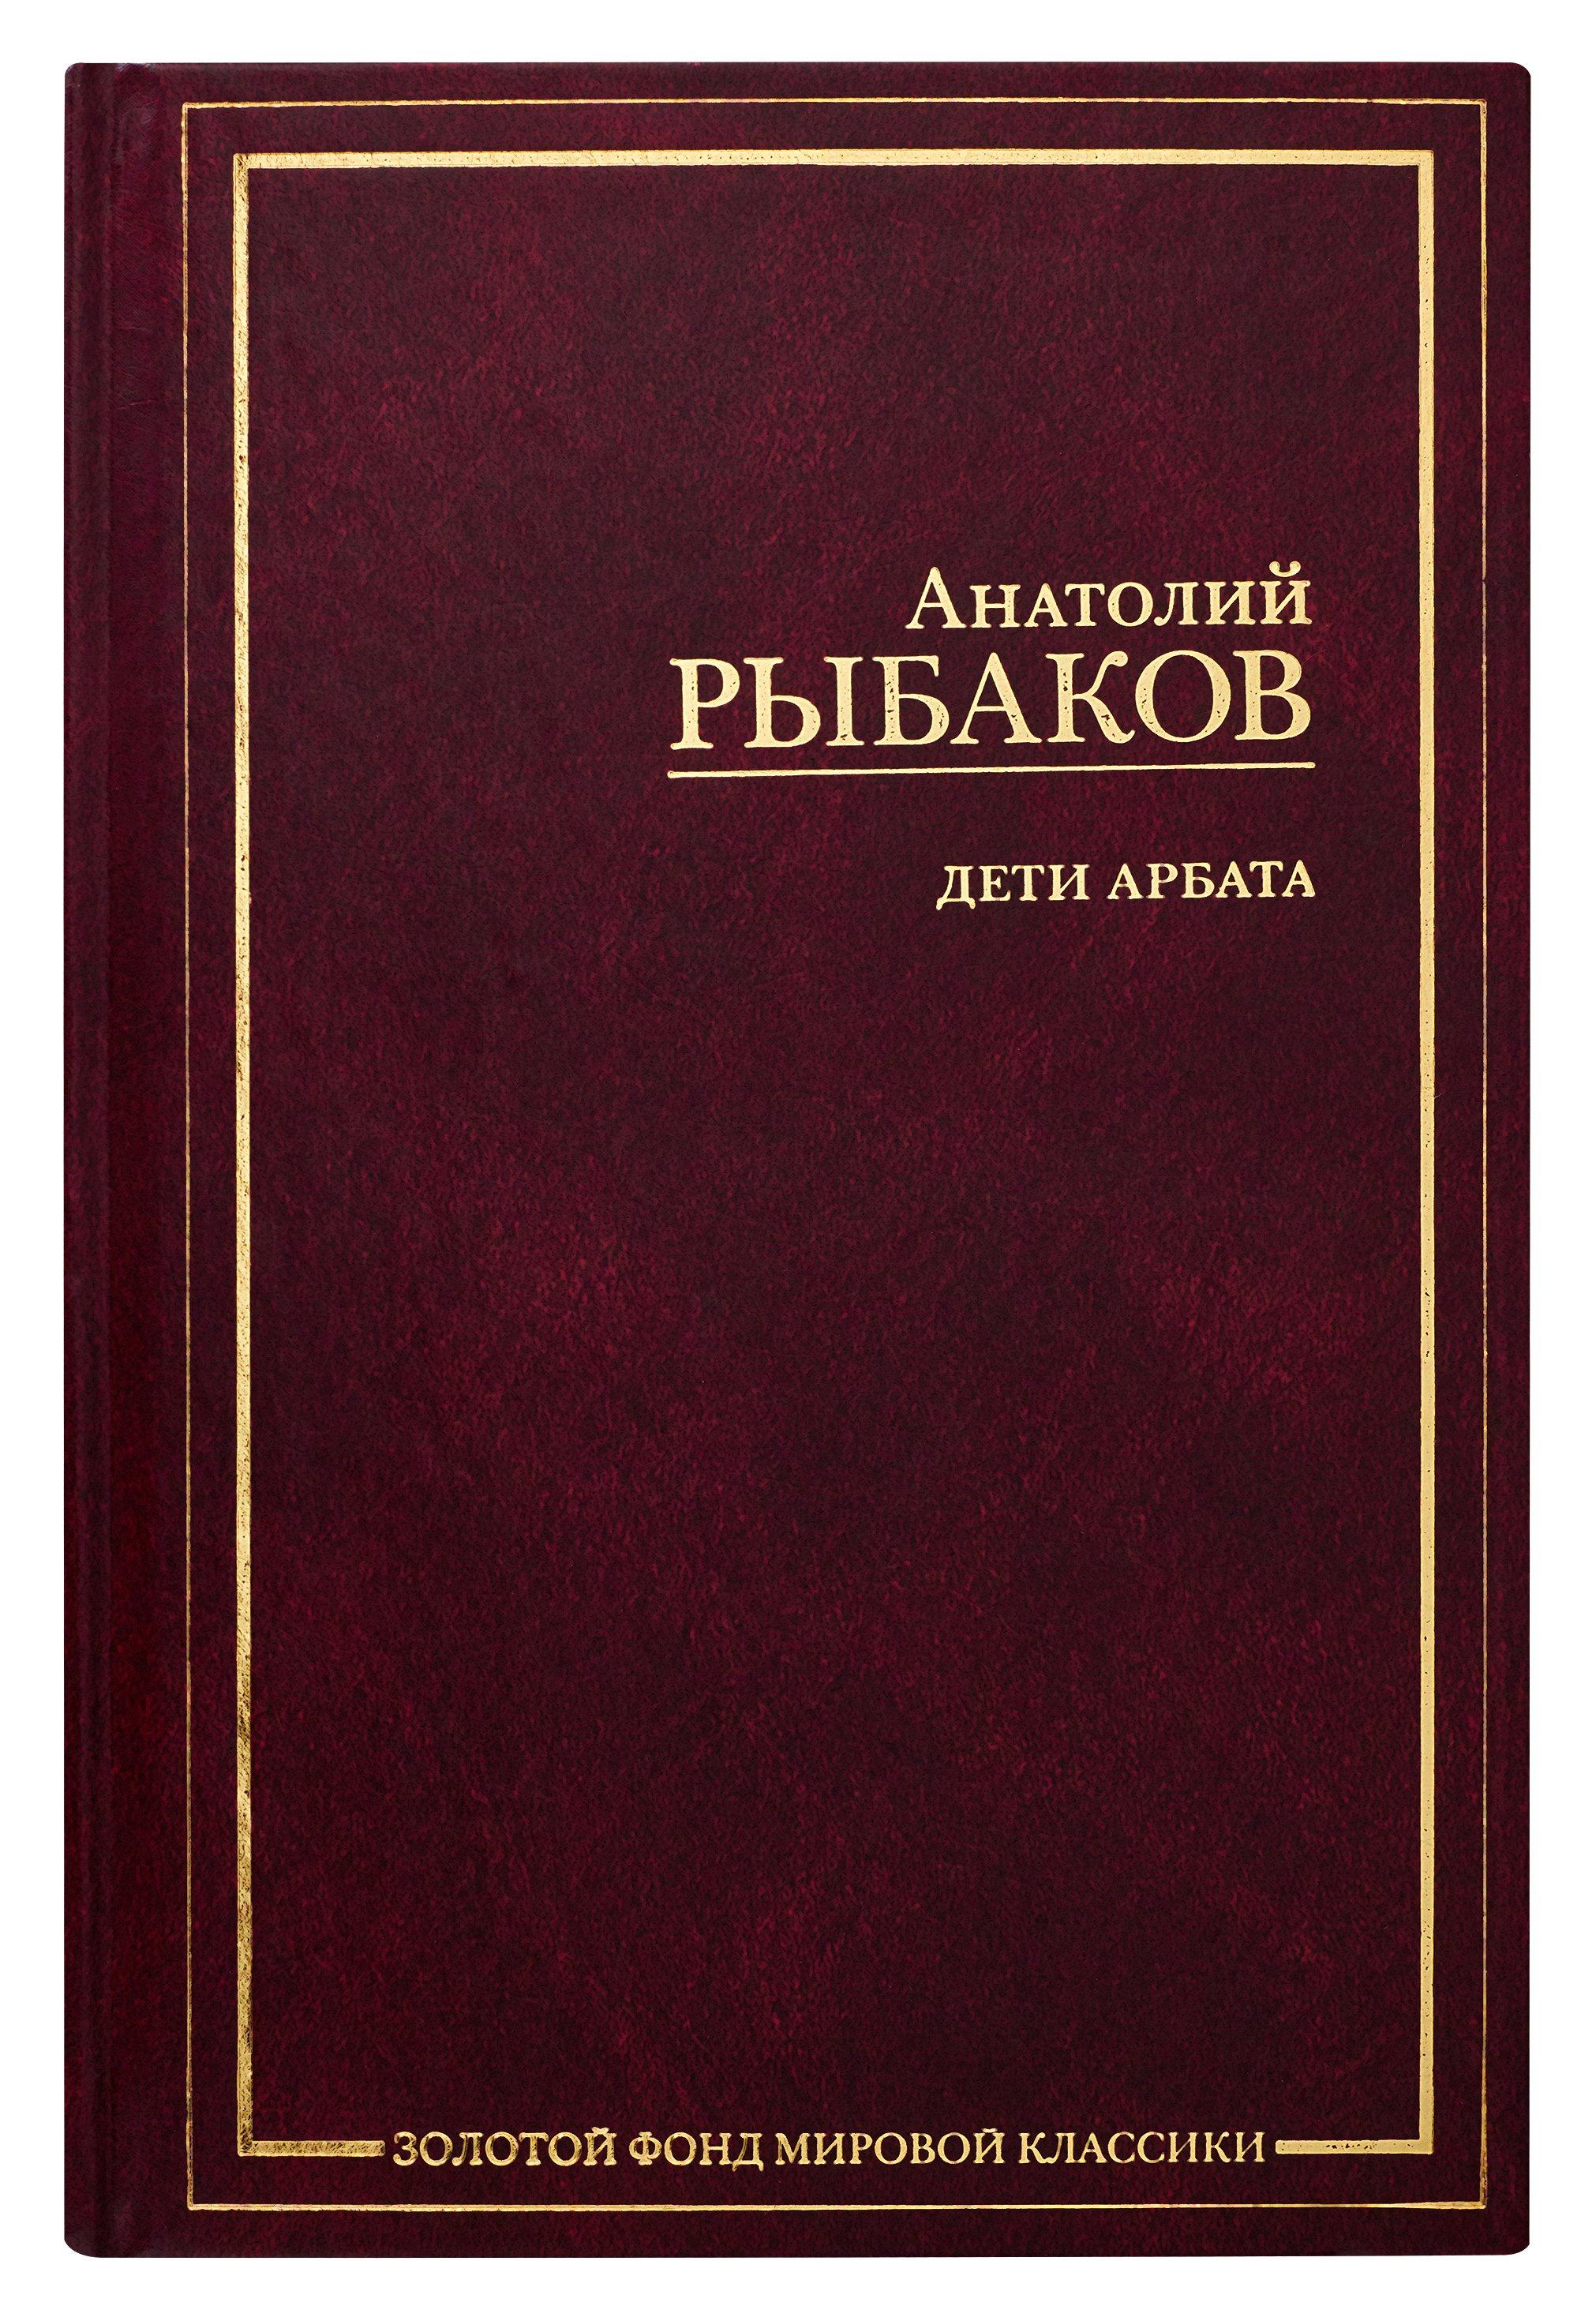 купить Рыбаков А.Н. Дети Арбата. [В 3 кн.]. Кн. 1 по цене 163 рублей